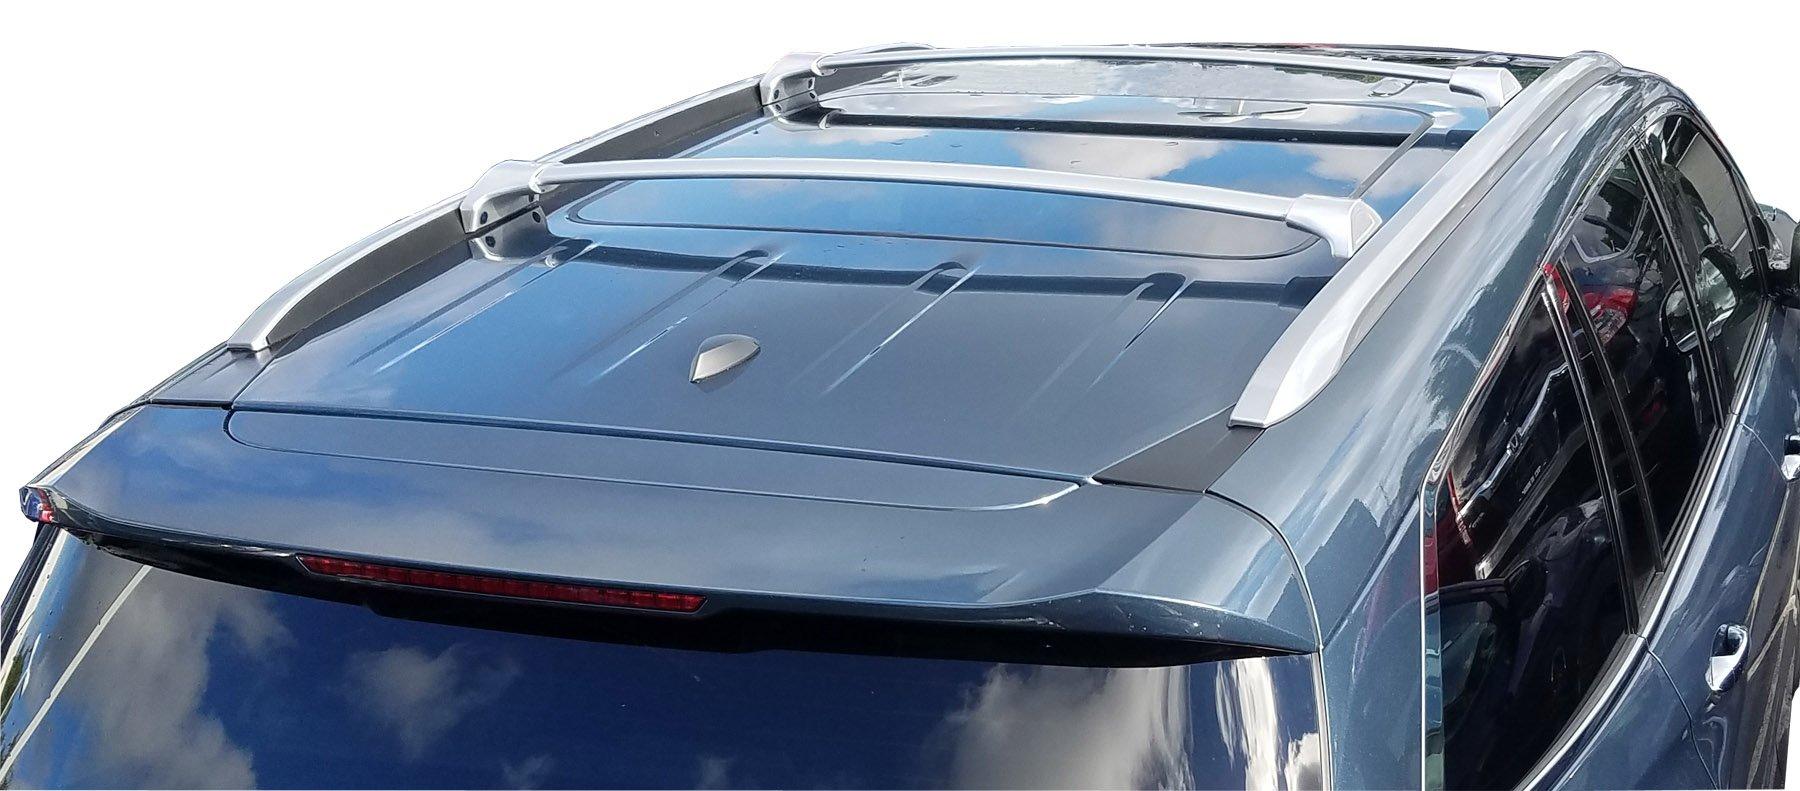 BRIGHTLINES 2016-2019 Honda Pilot Crossbars Roof Racks (Silver)